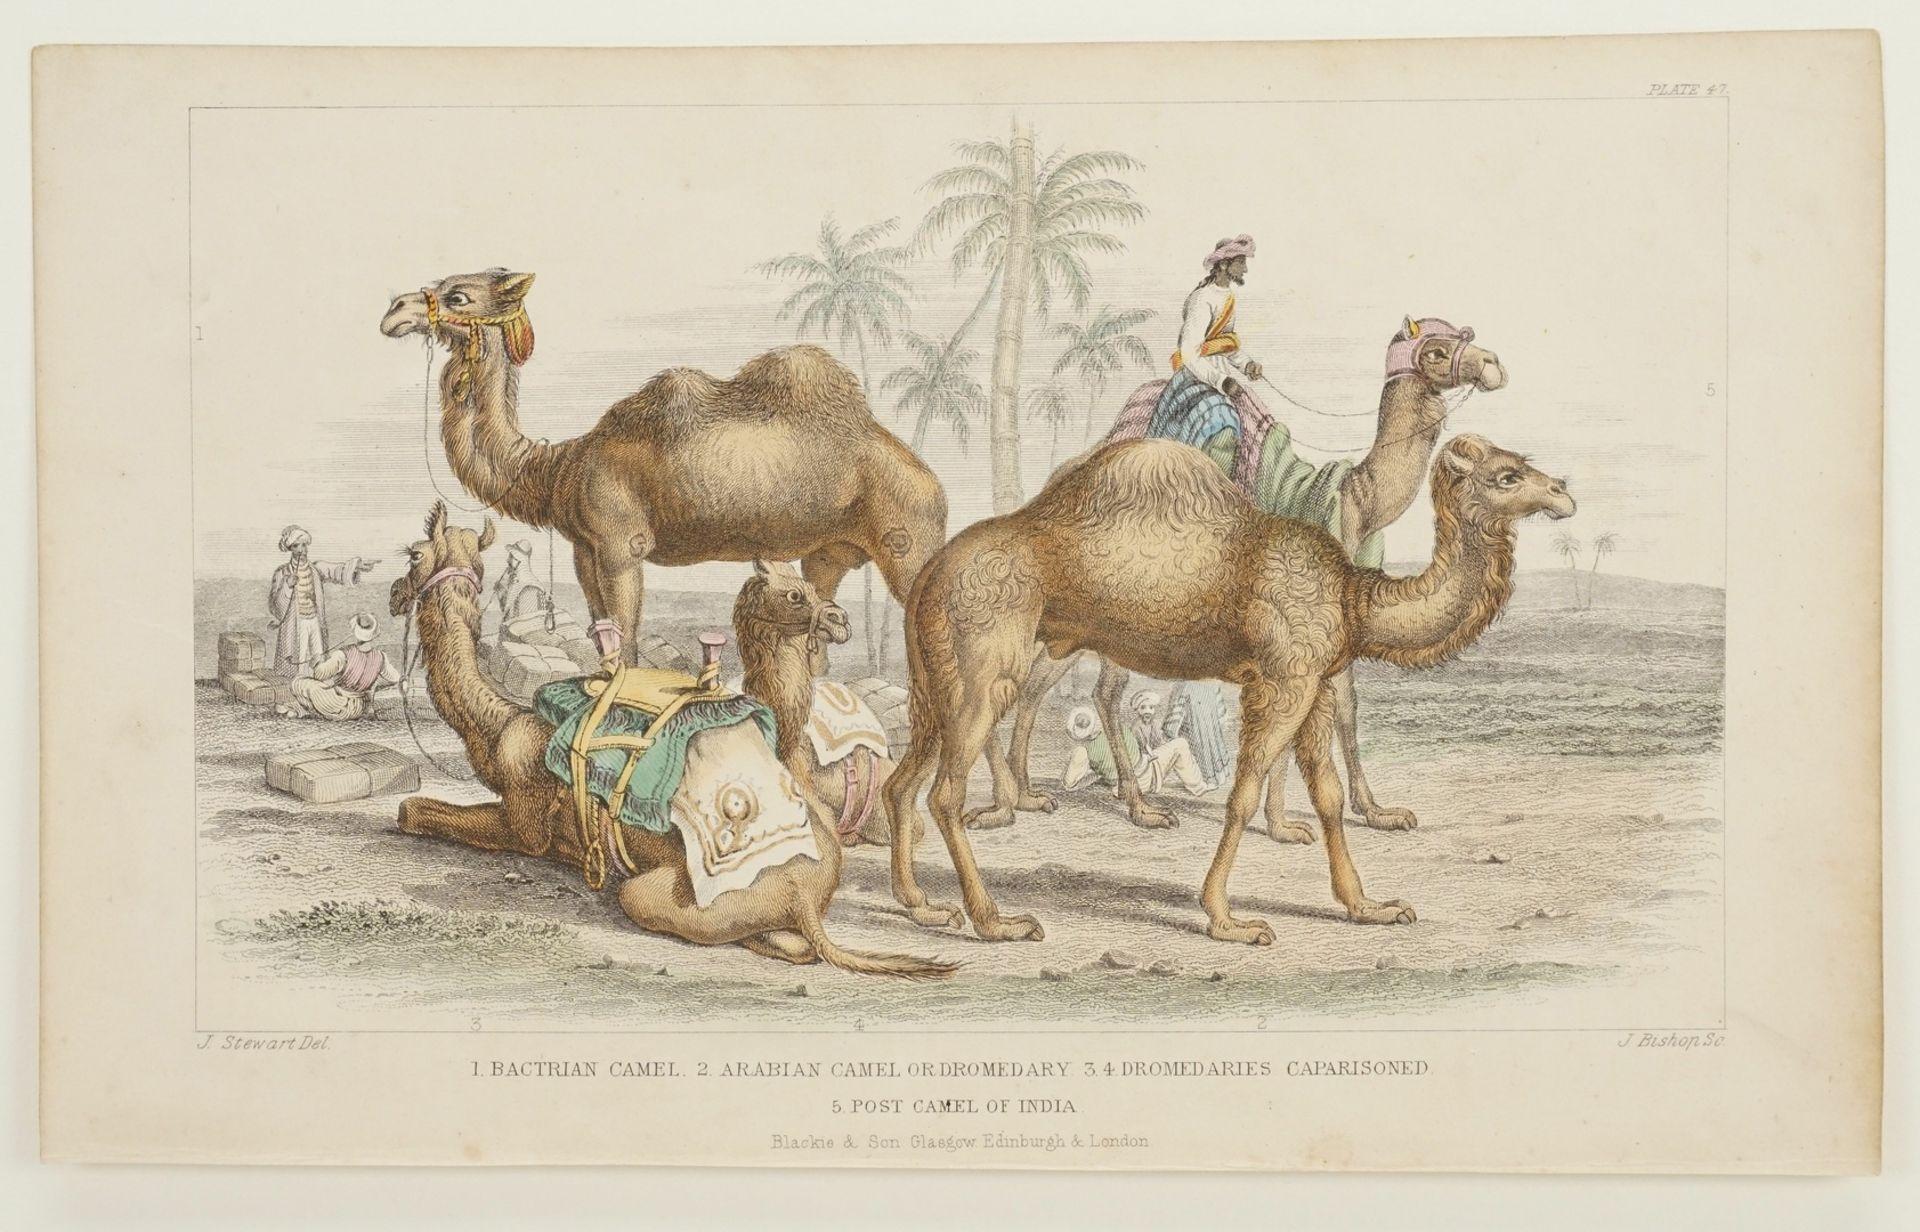 Naturkundliches Blatt zu Kamelen - Bild 3 aus 3